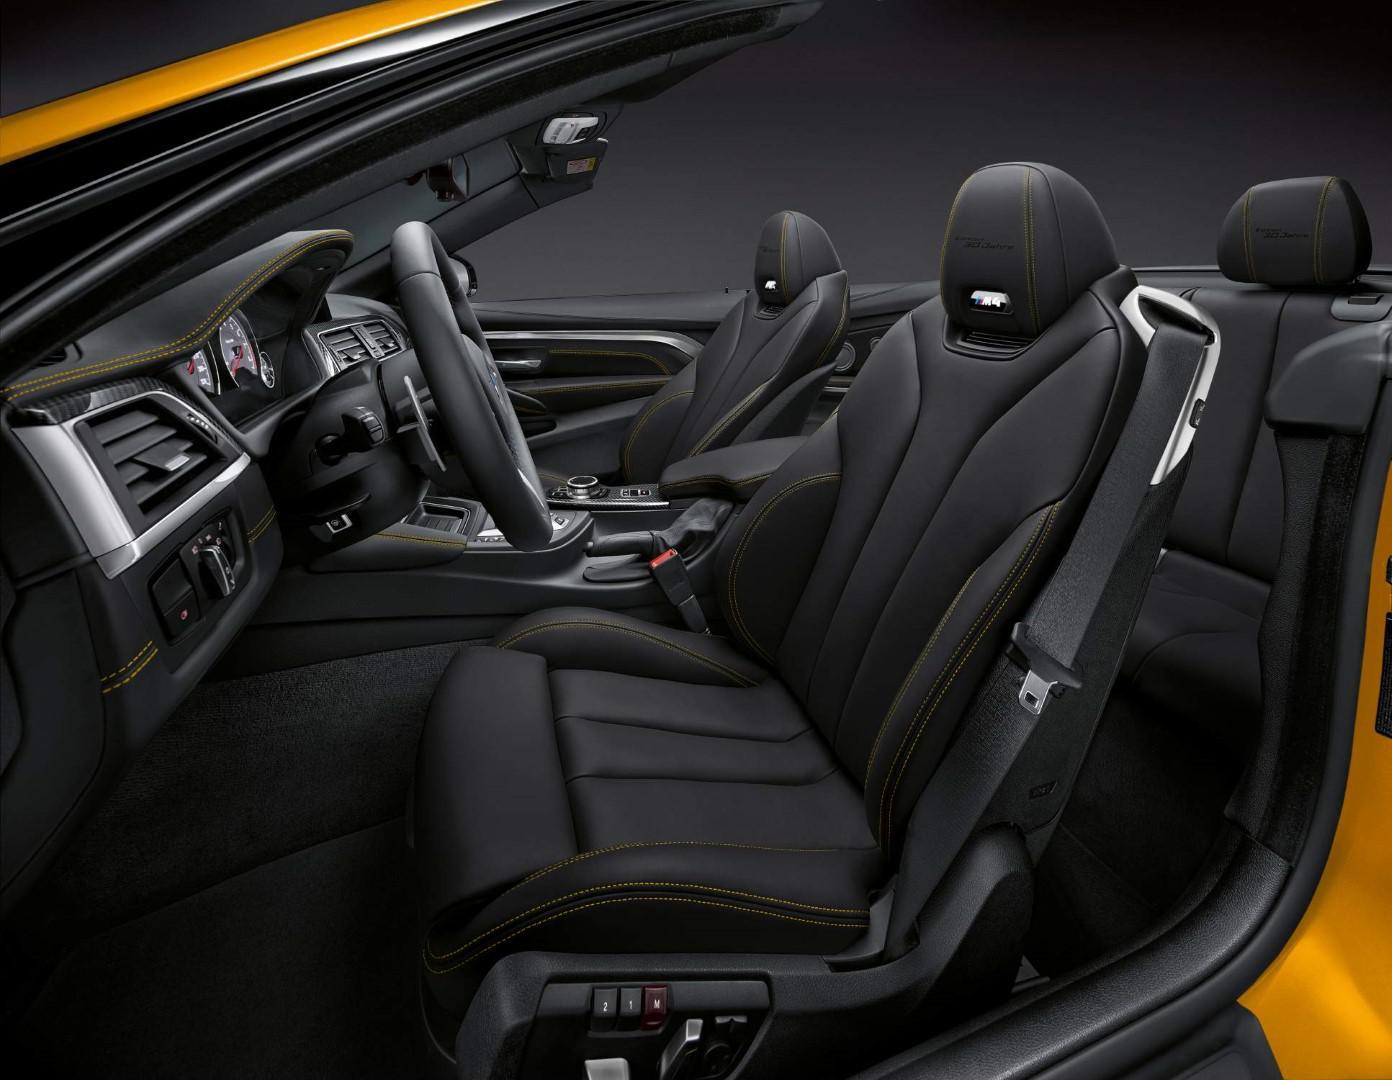 bmw-m4-cabrio-edition-30ans-300-exemplaires-au-monde-648-4.jpeg